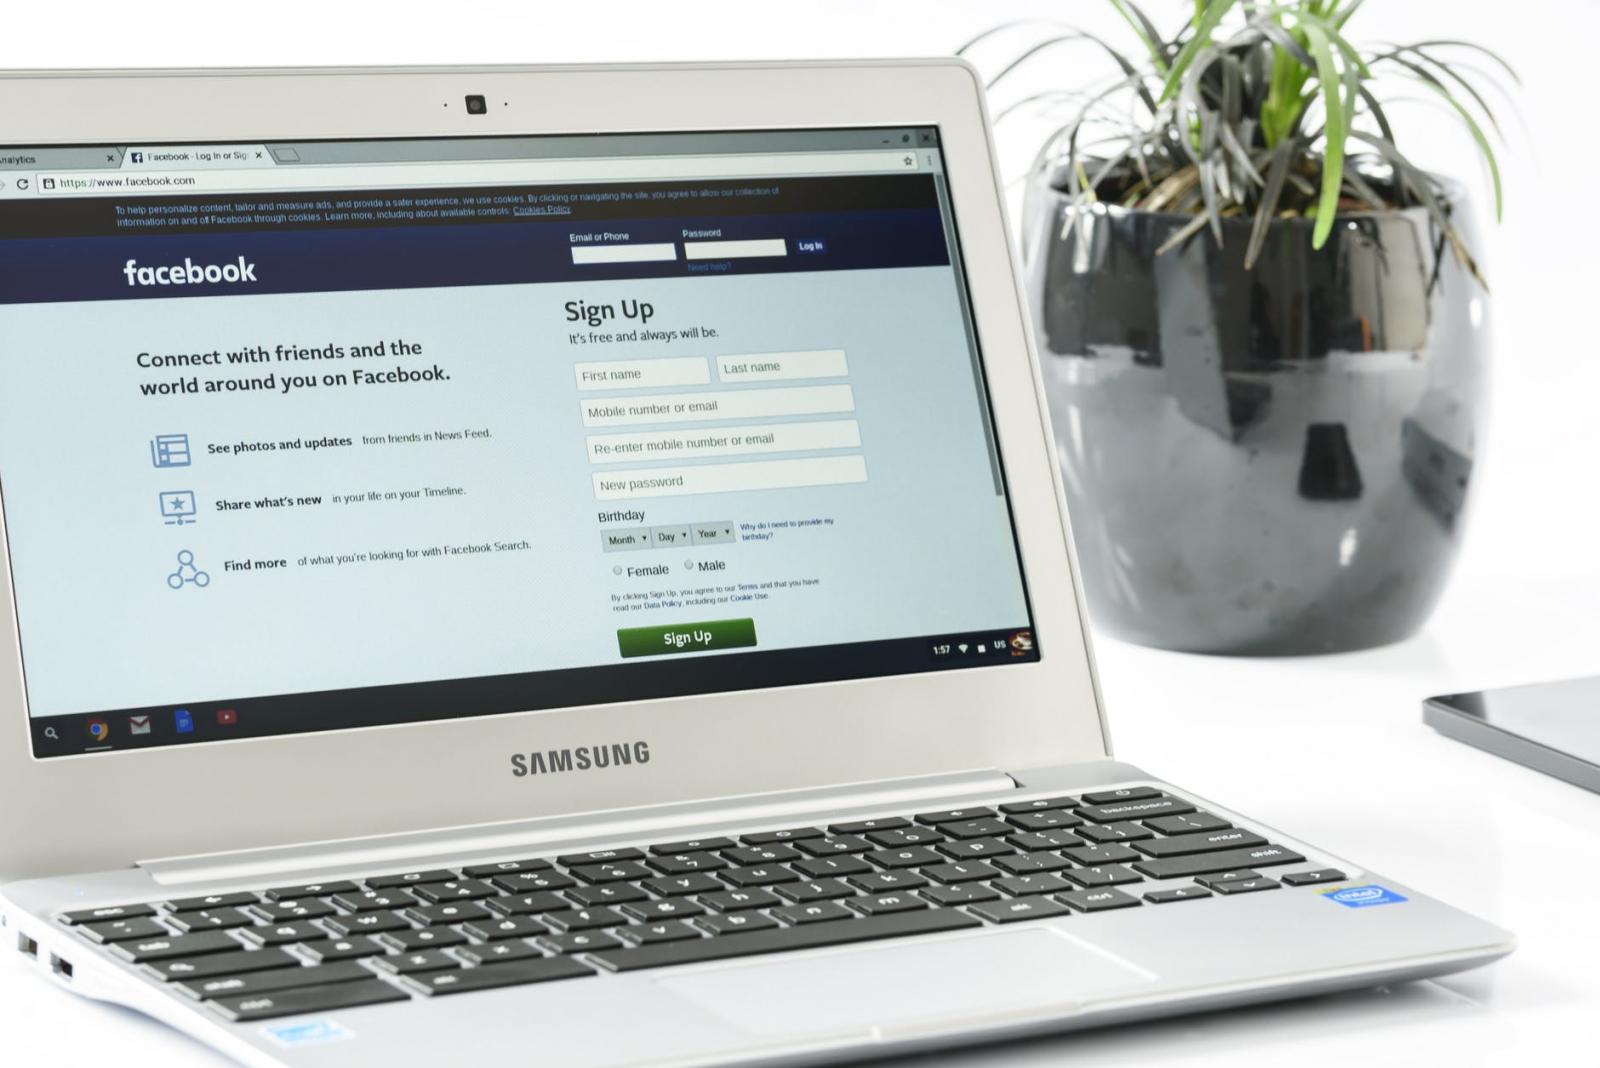 【科技新知】FB臉書如何更改特殊名稱?教你這招變更!